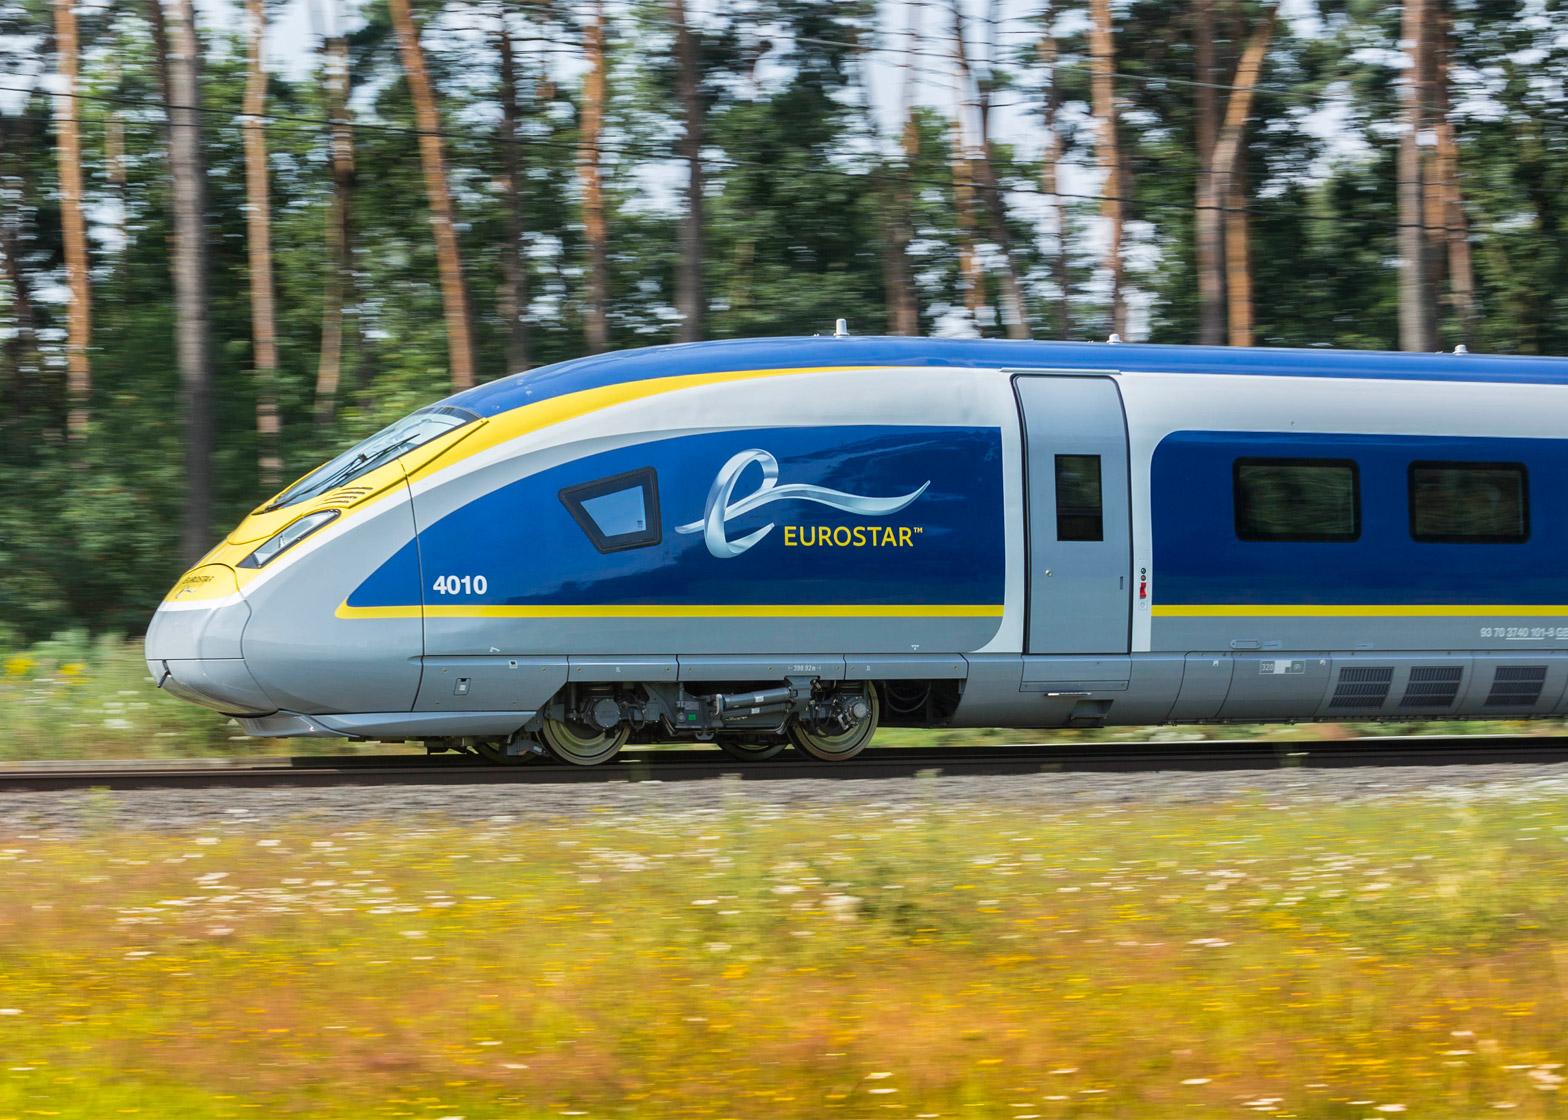 Eurostar redesign slammed by fashion's elite